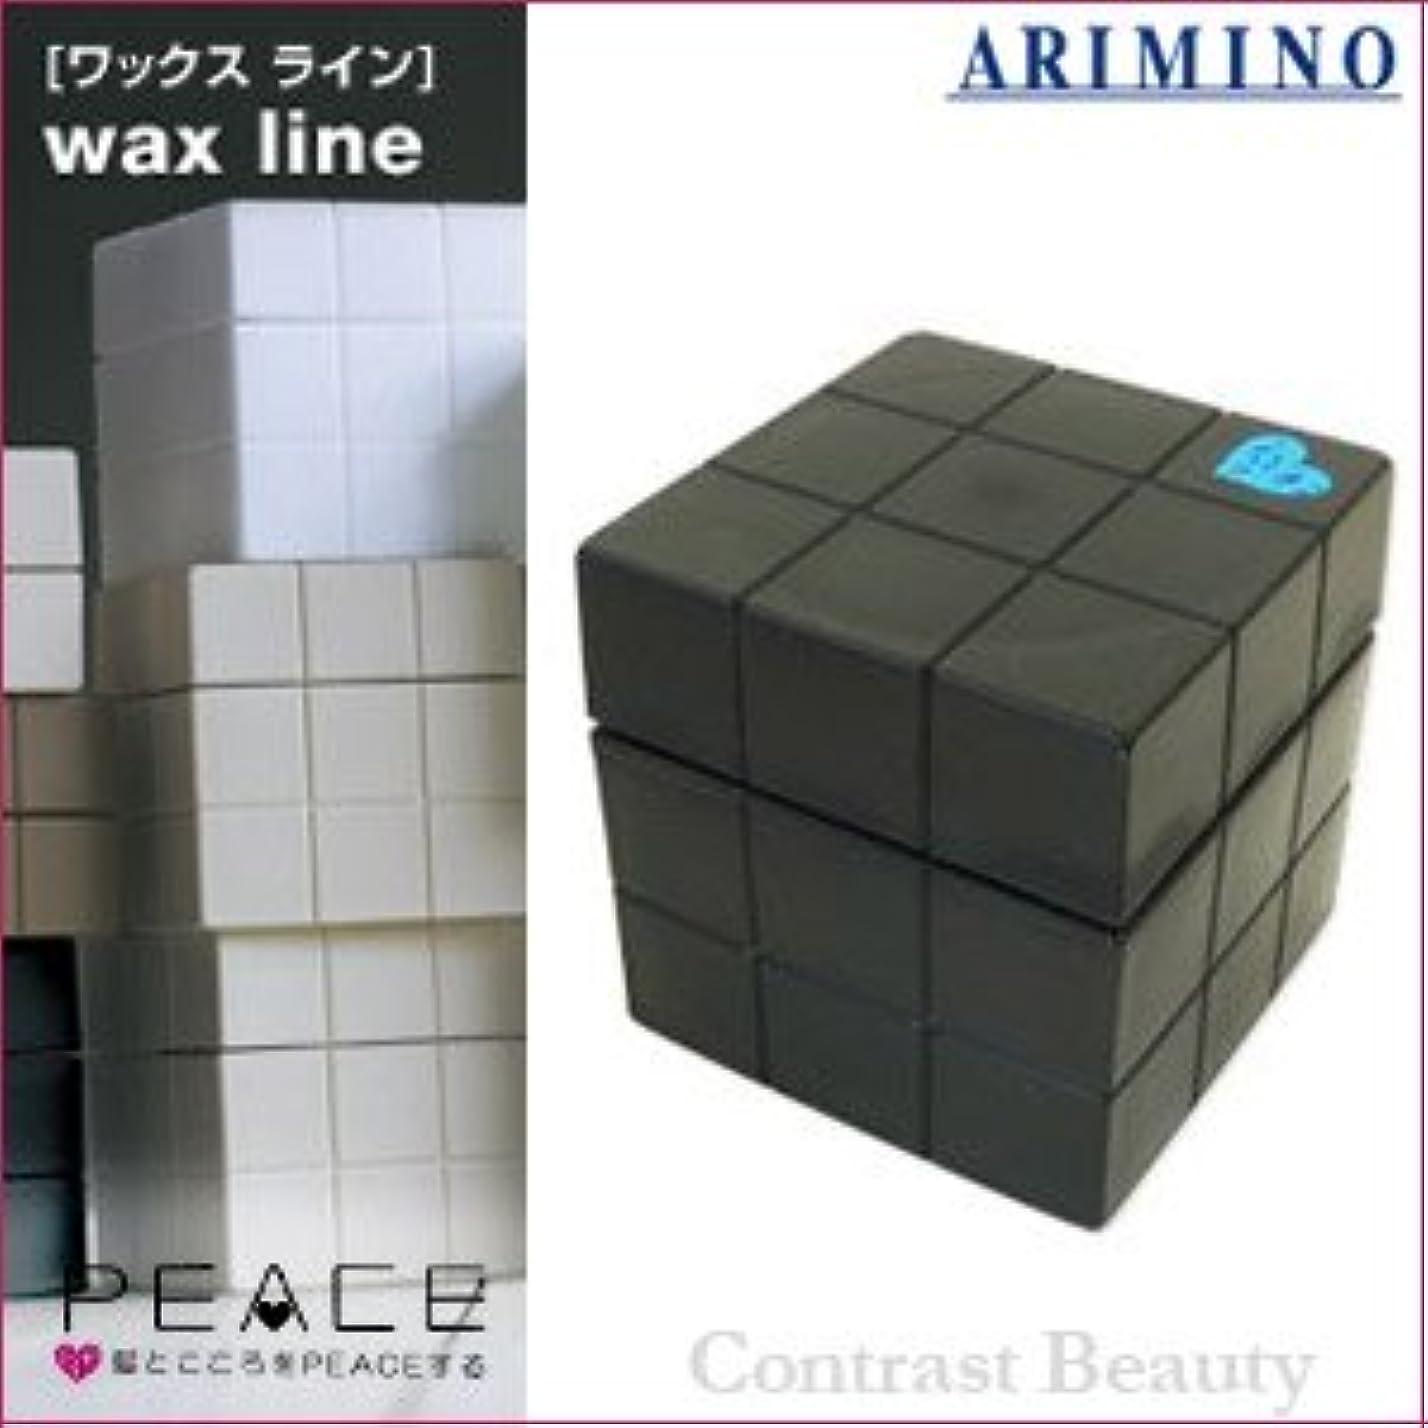 草昨日評価可能【X4個セット】 アリミノ ピース プロデザインシリーズ フリーズキープワックス ブラック 80g